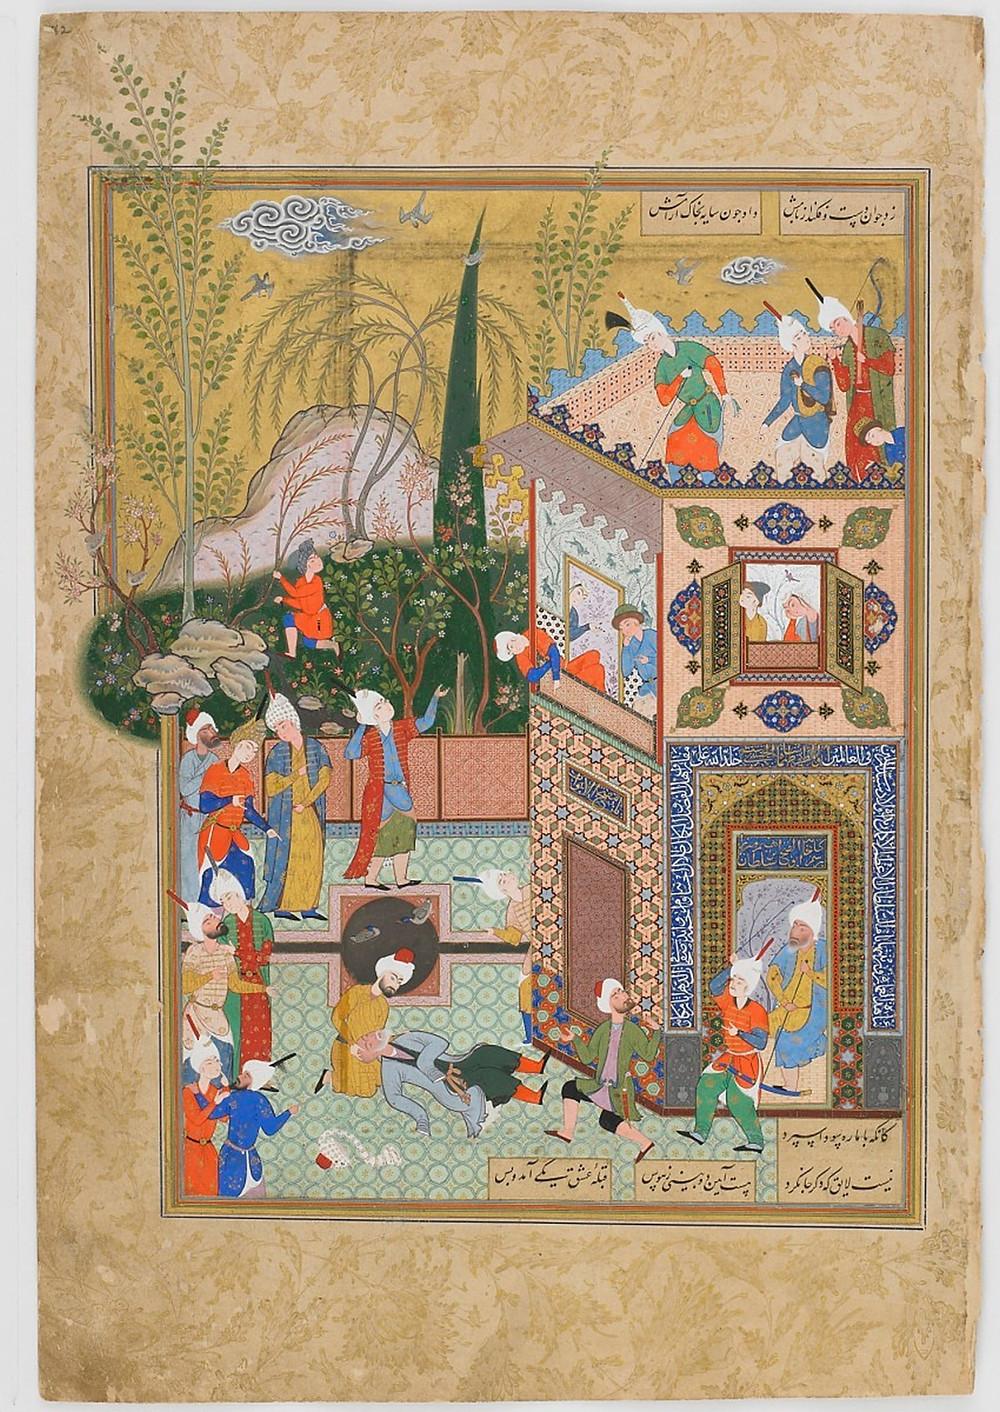 Freer Gallery of Art, MS F1946.12.59